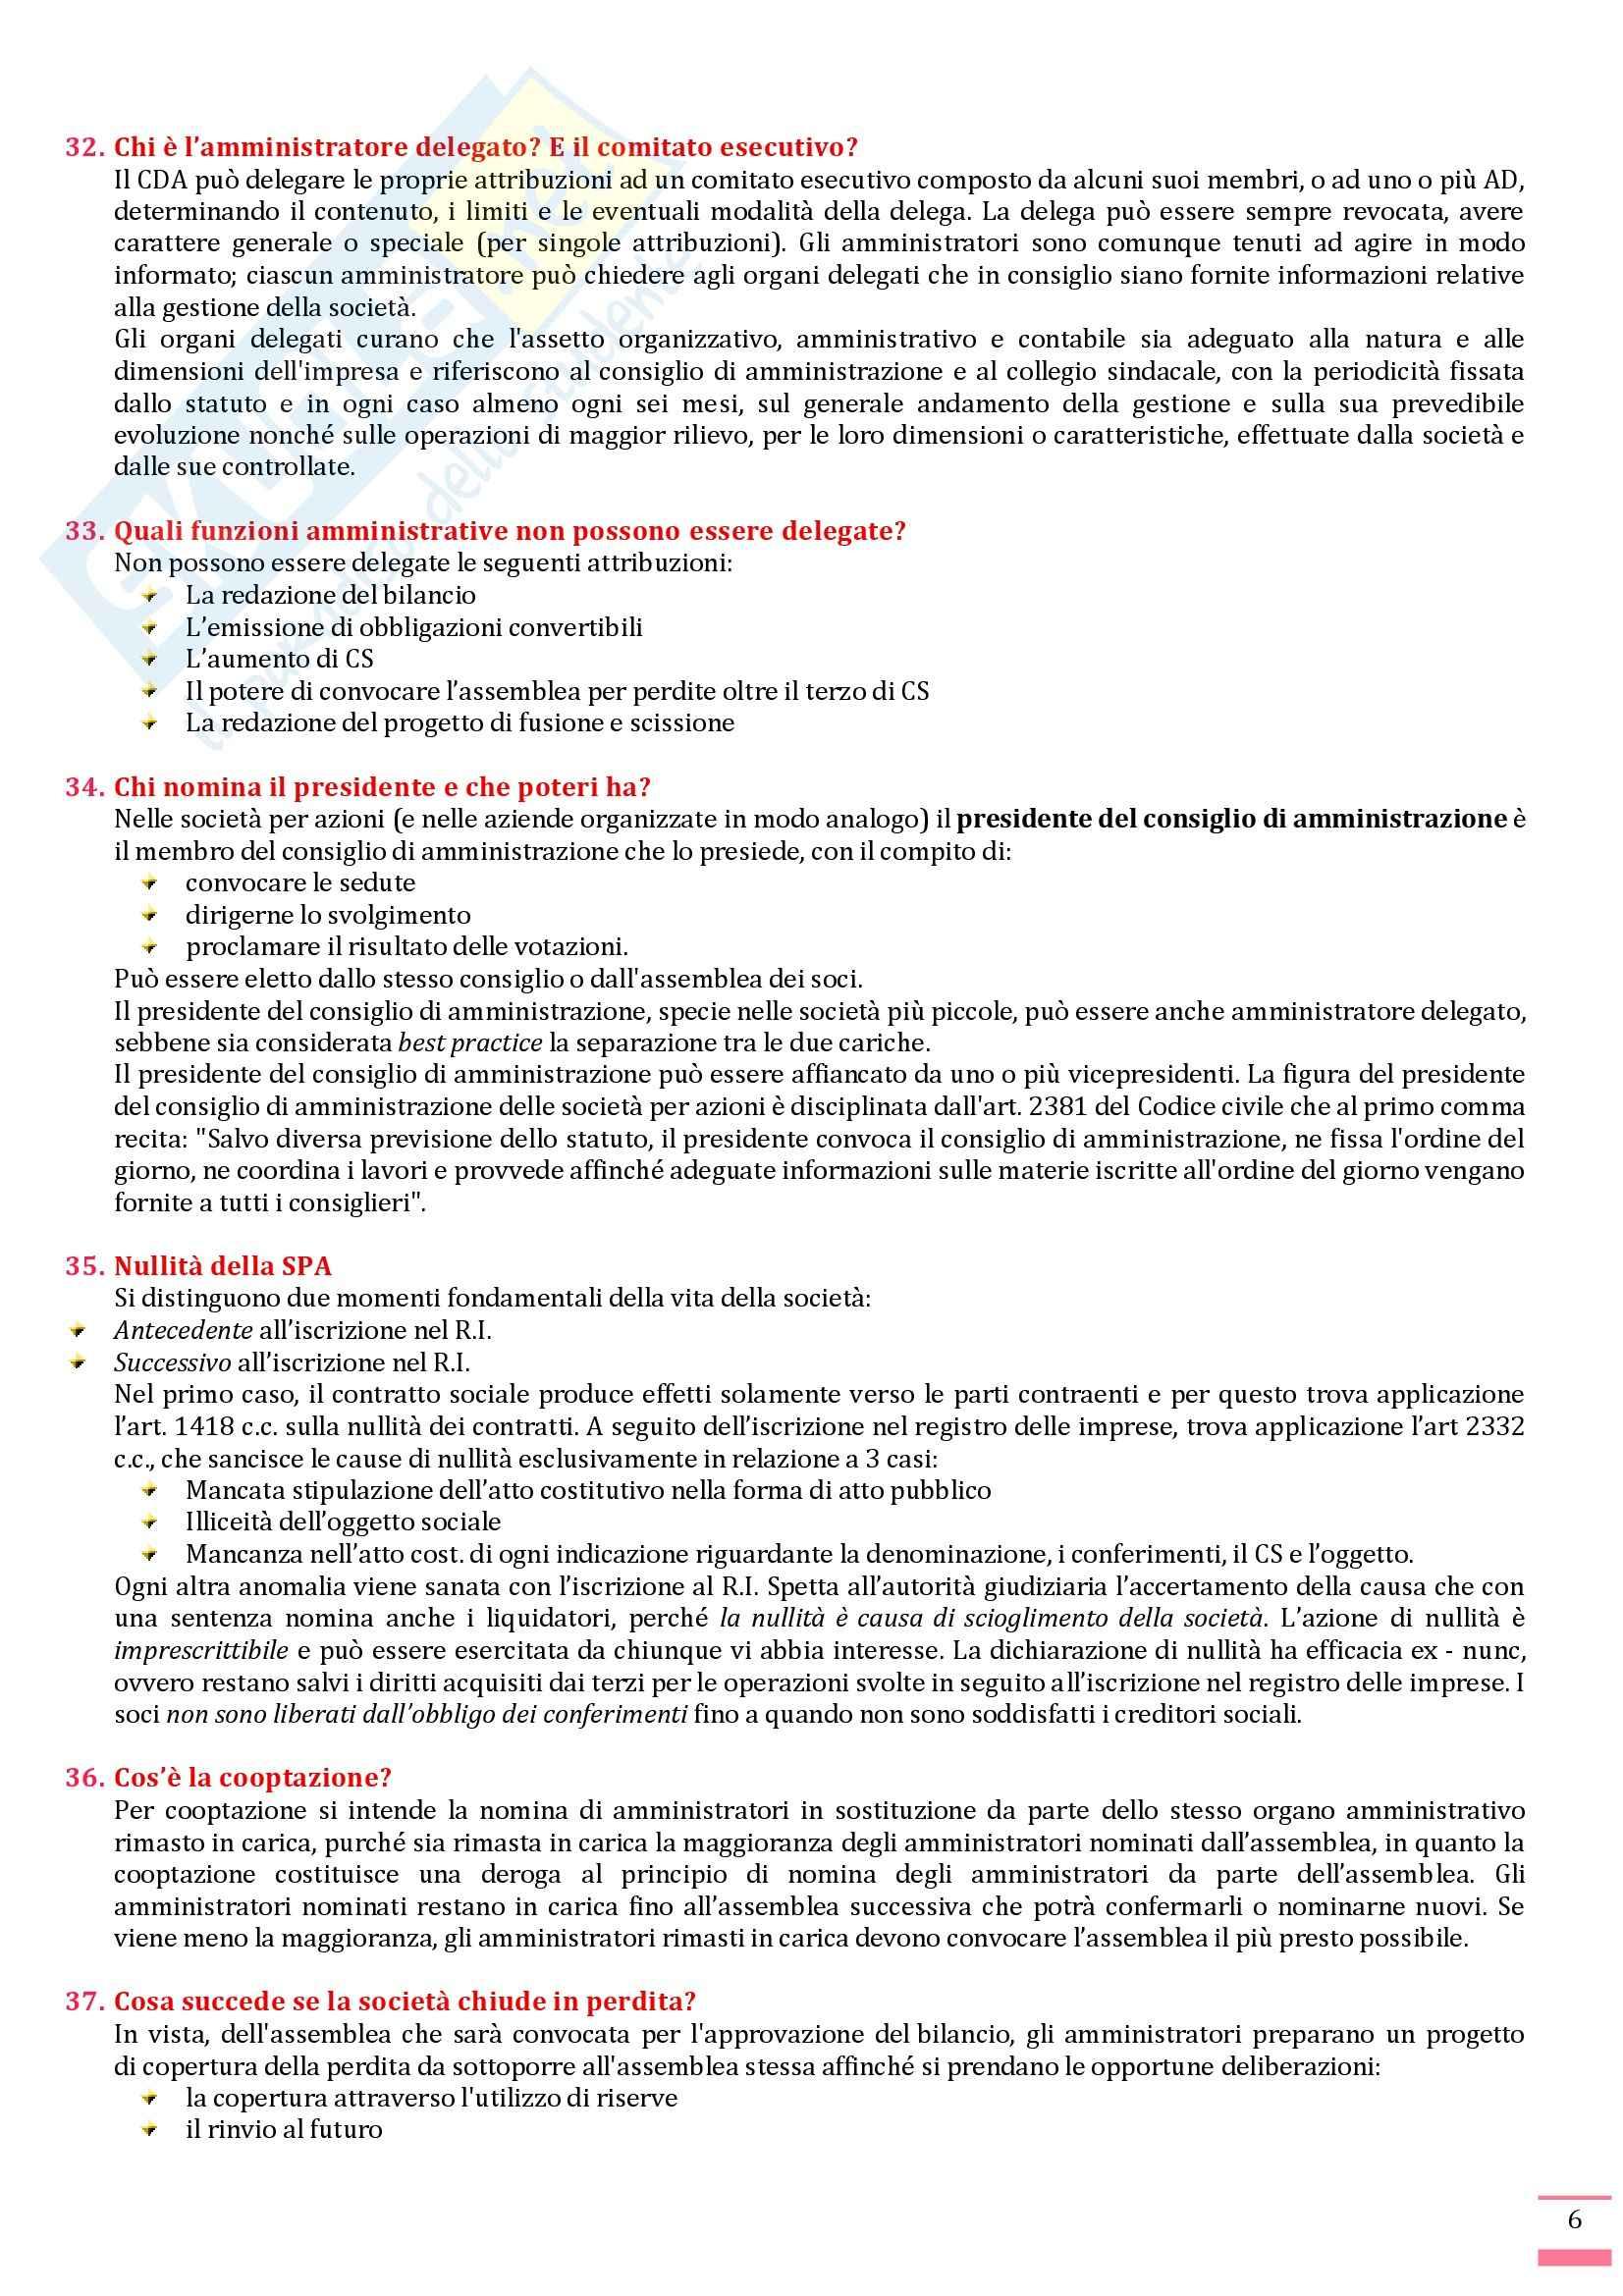 Diritto commerciale - Domande e risposte Pag. 6